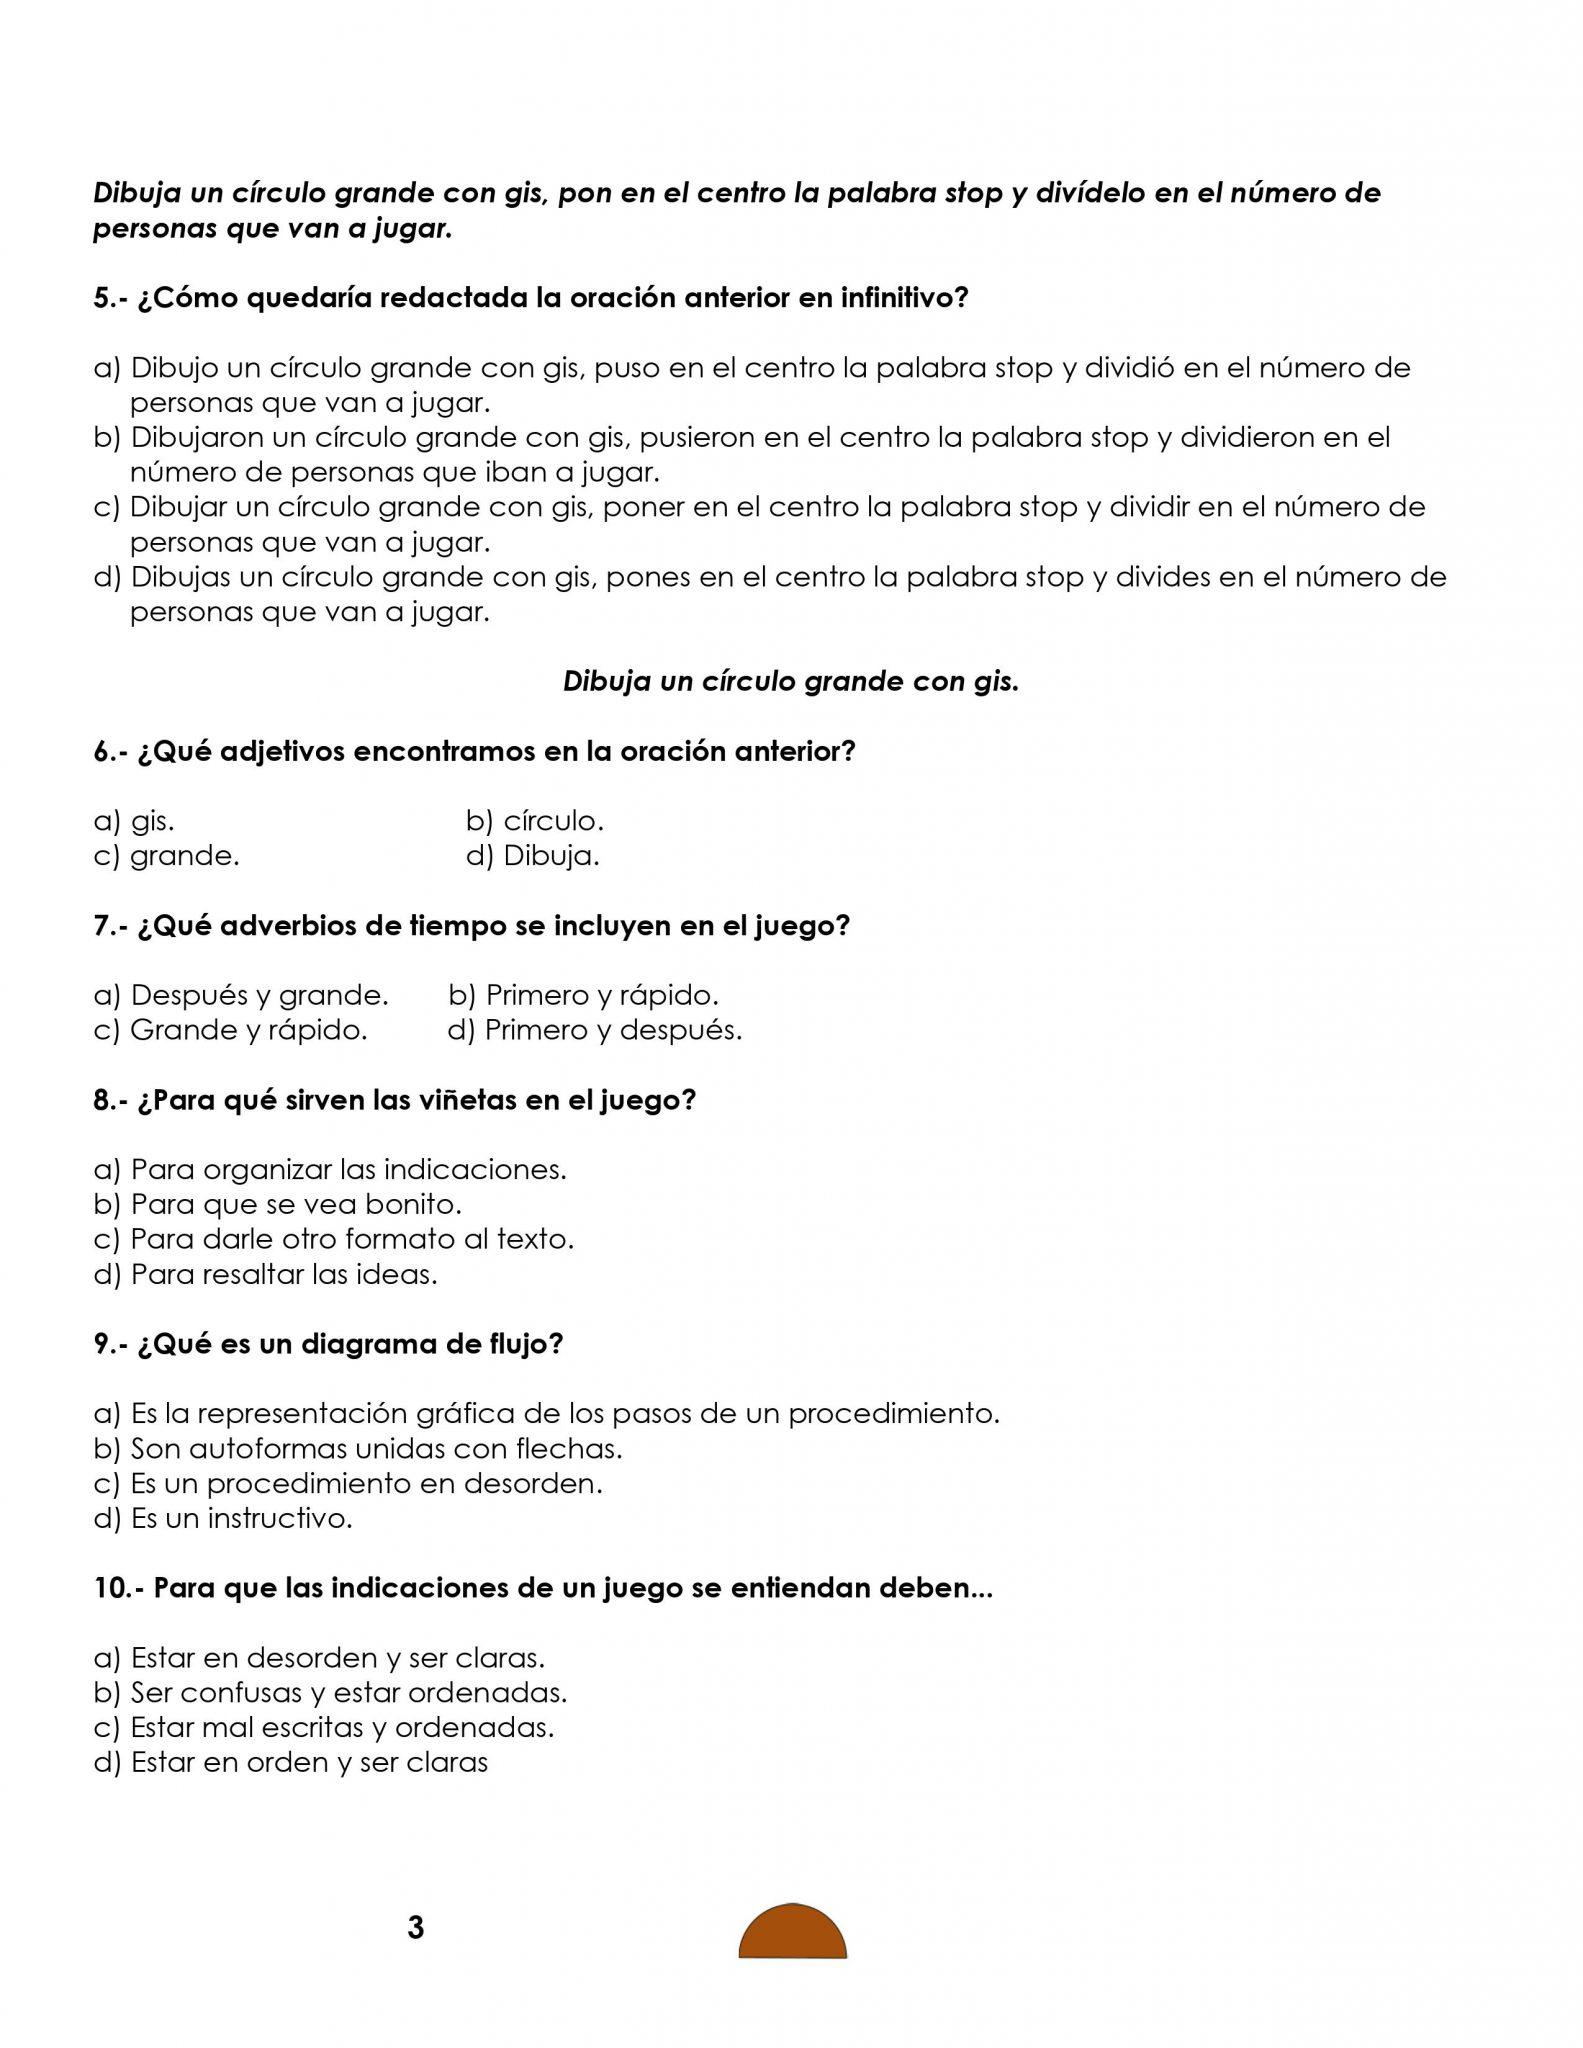 Ejemplo examenes 6to grado 02